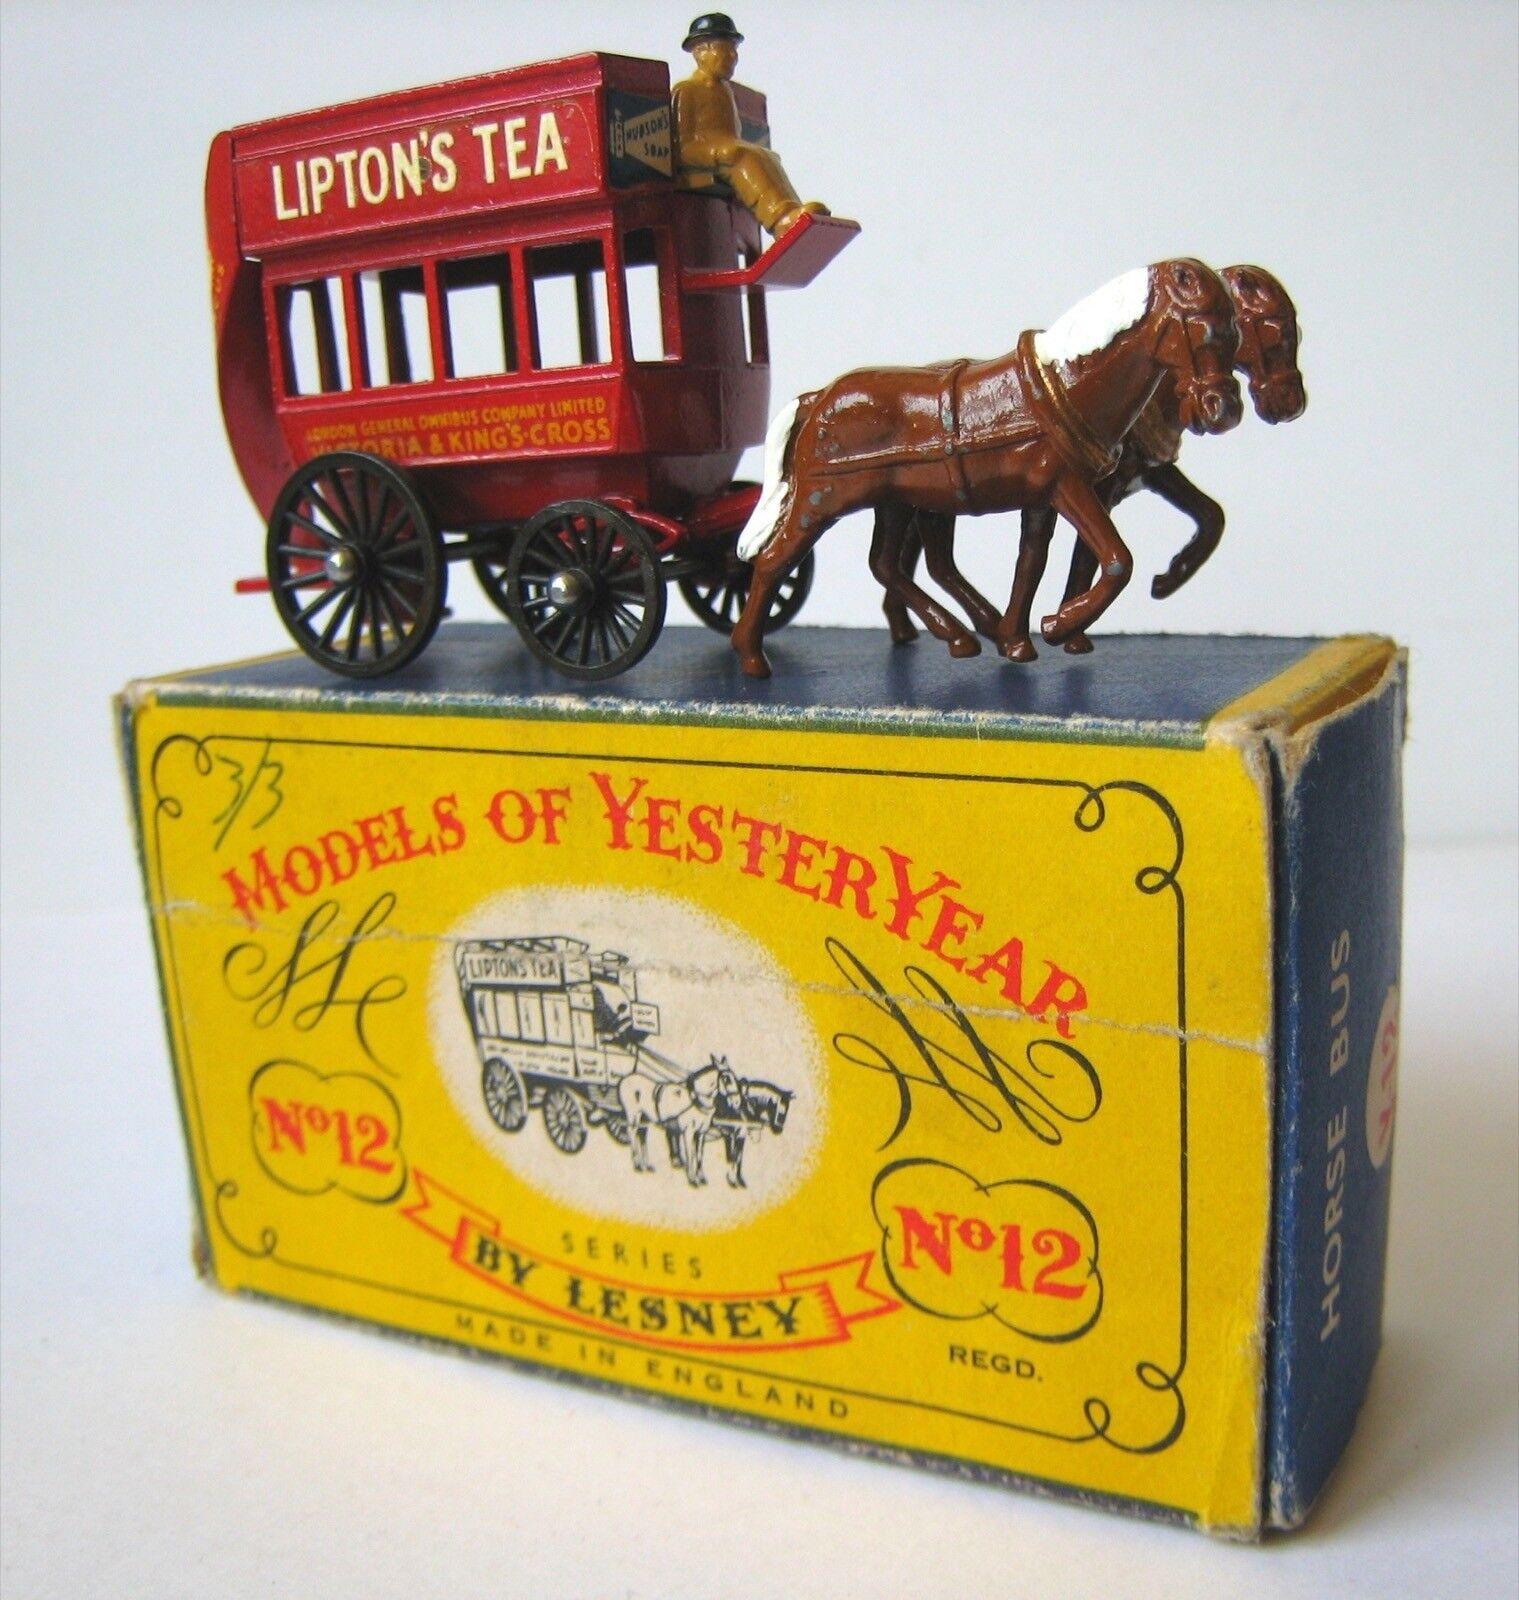 Matchbox - lesney, modell von vorgestern, y-12, london pferd bus 1898, unbespielt,